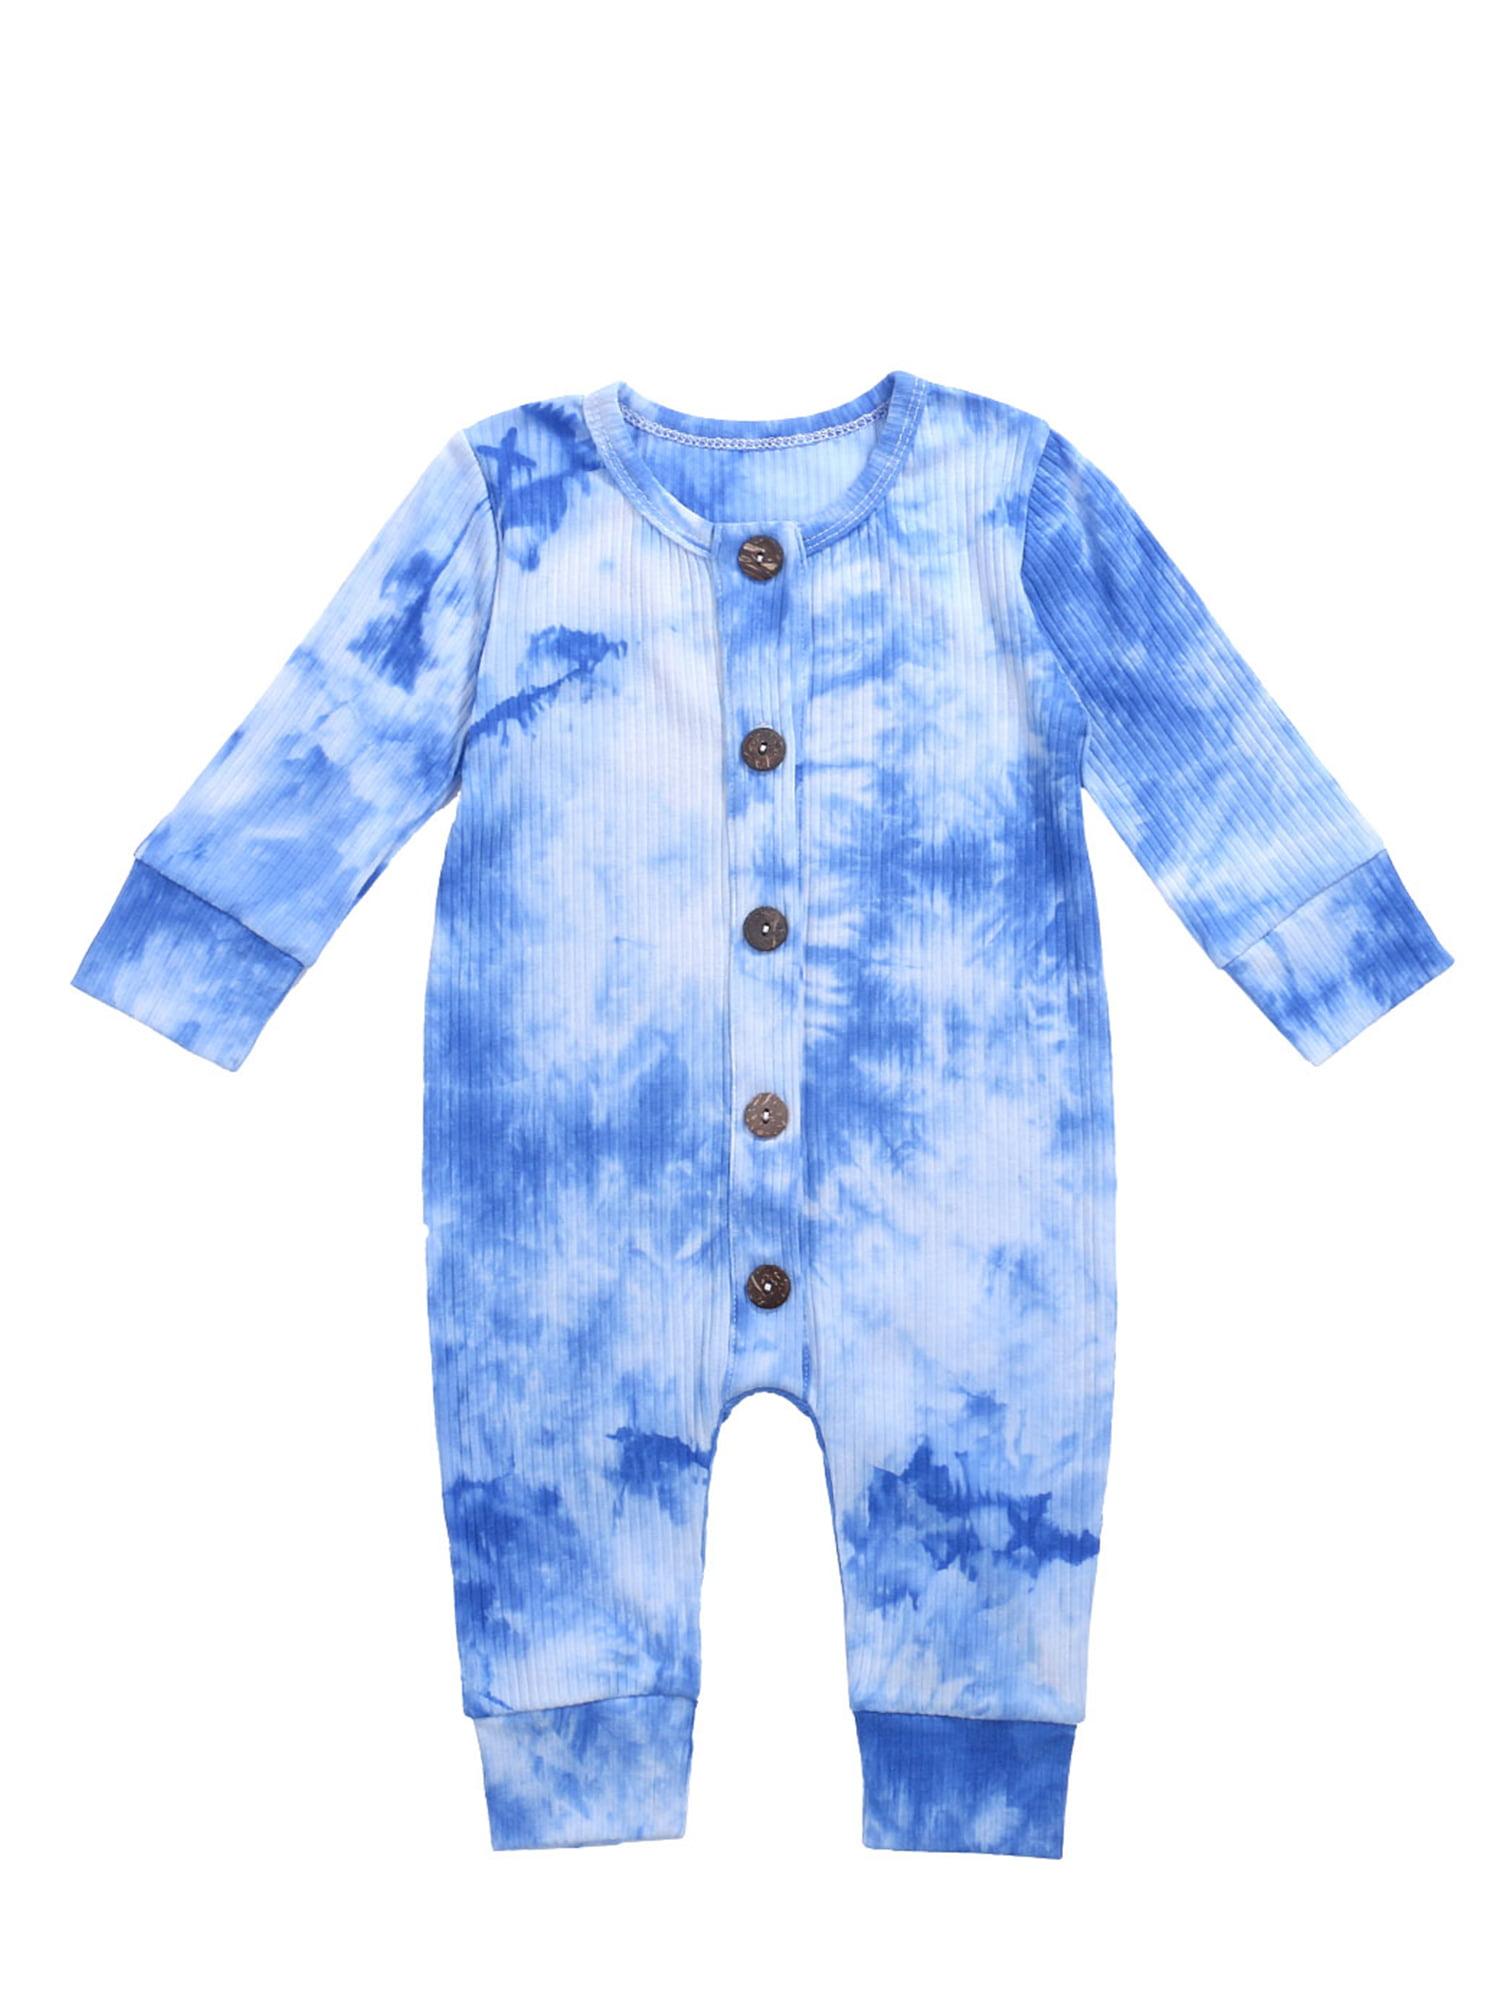 boho style Rompers for boys Baby romper Handmade Toddler romper gender neutral Soft romper Rib knit romper Rompers for girls